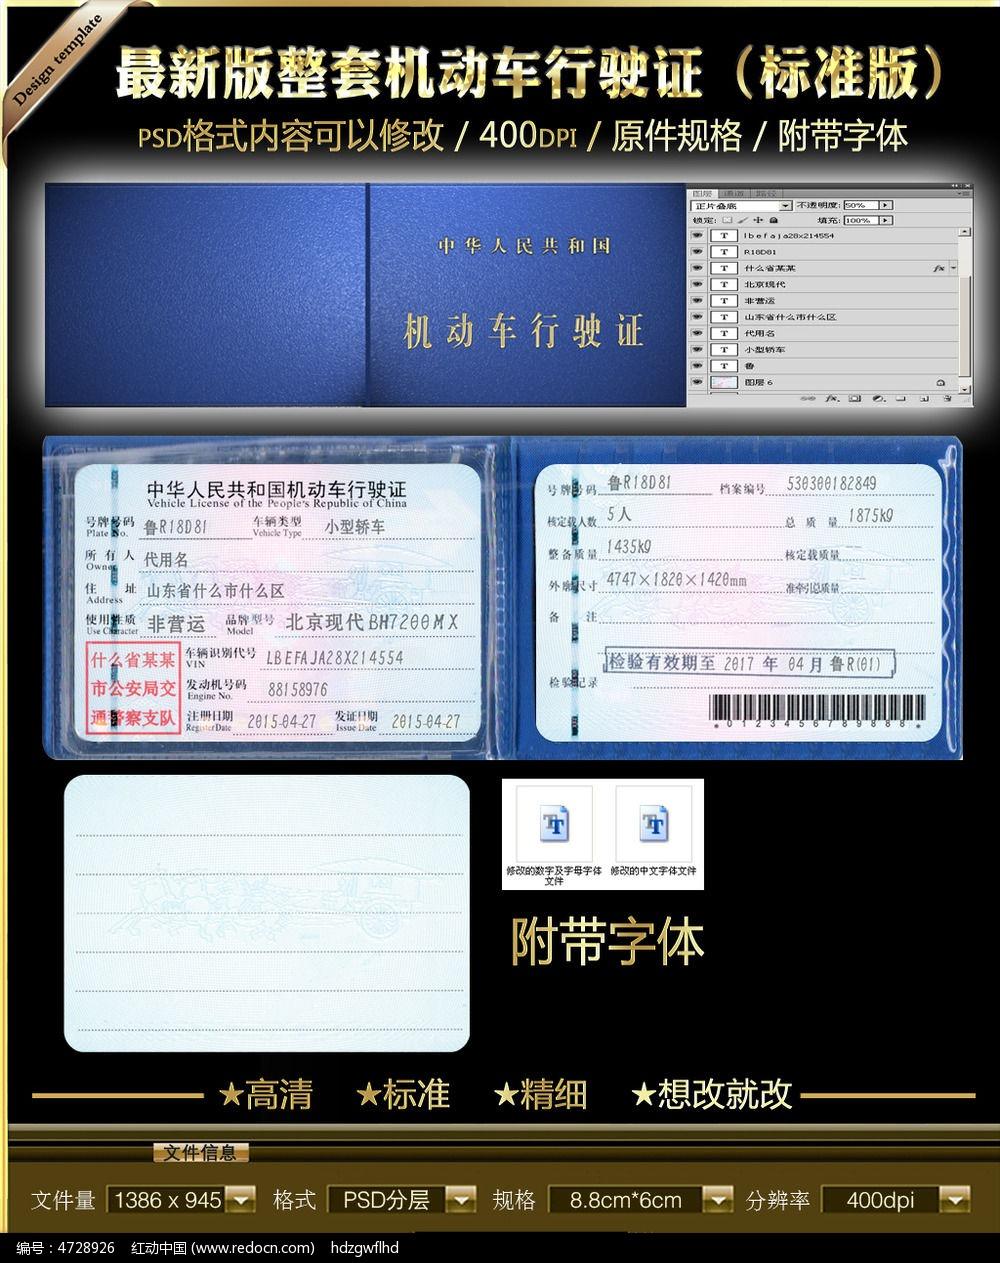 行驶证字体  行驶证照片